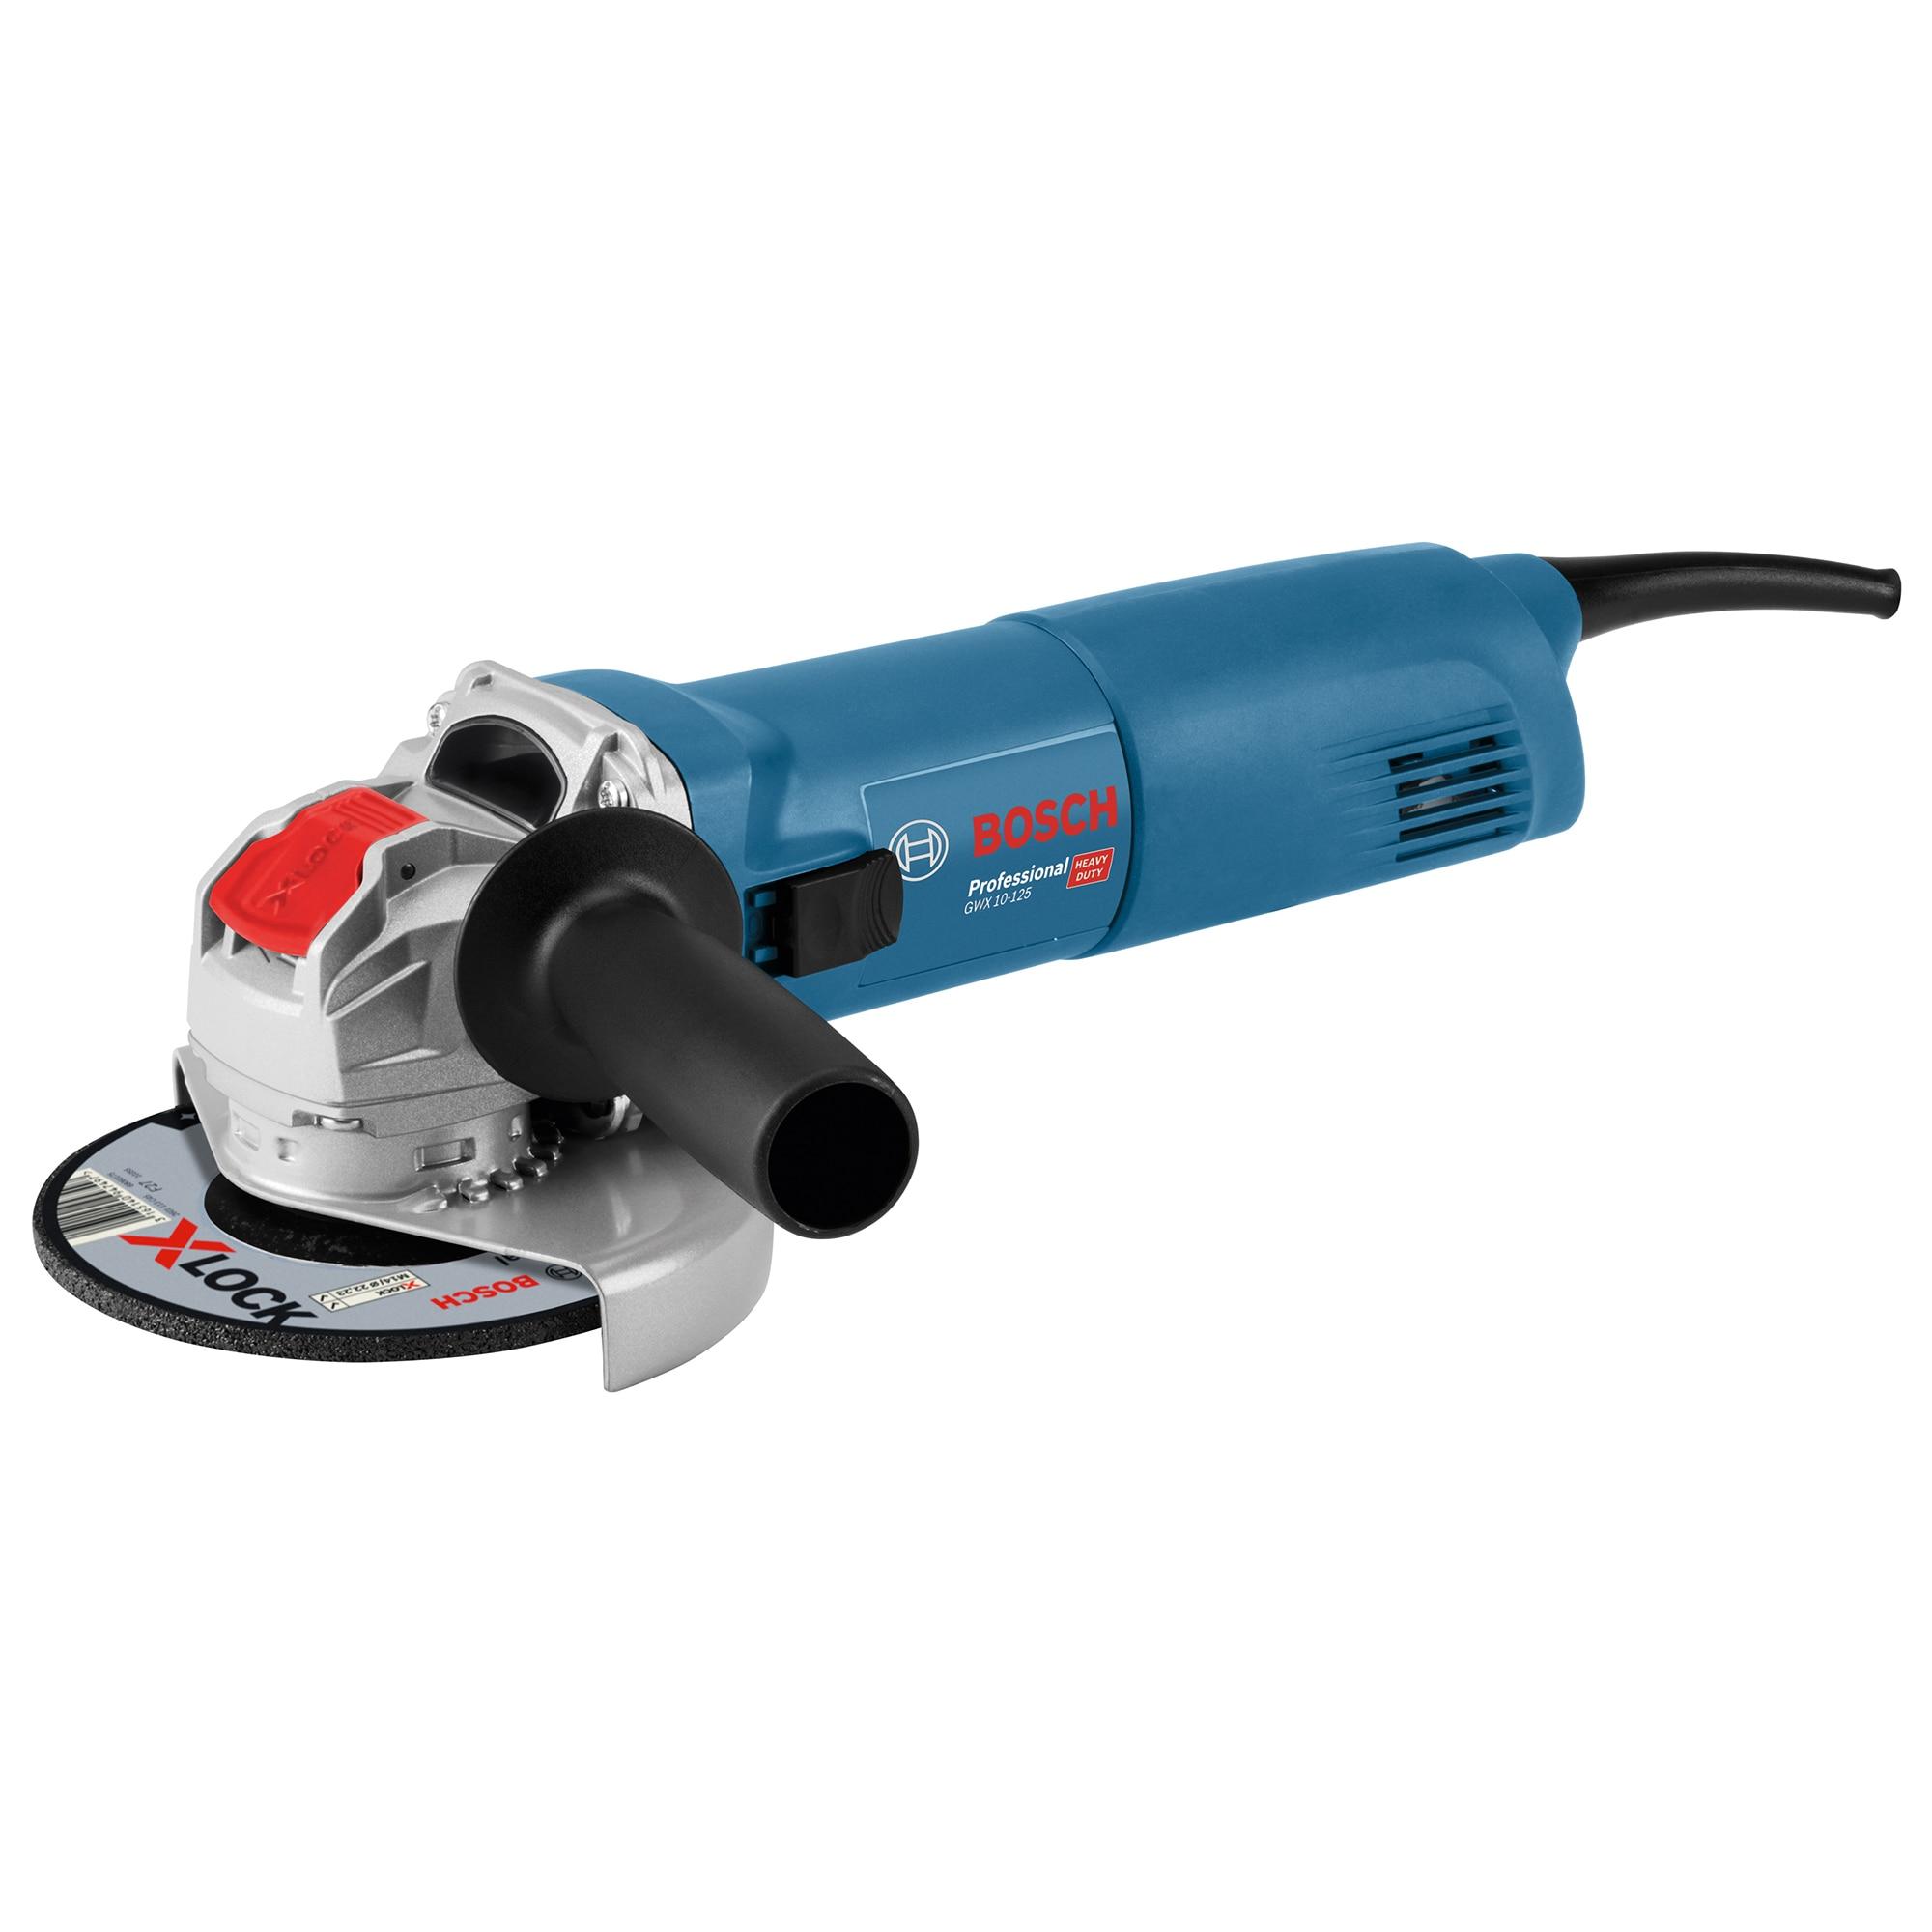 Fotografie Polizor unghiular Bosch Professional X-Lock GWX 10-125, 1000 W, 11.000 RPM, 125 mm diametru disc + cutie + maner auxiliar + aparatoare de protectie